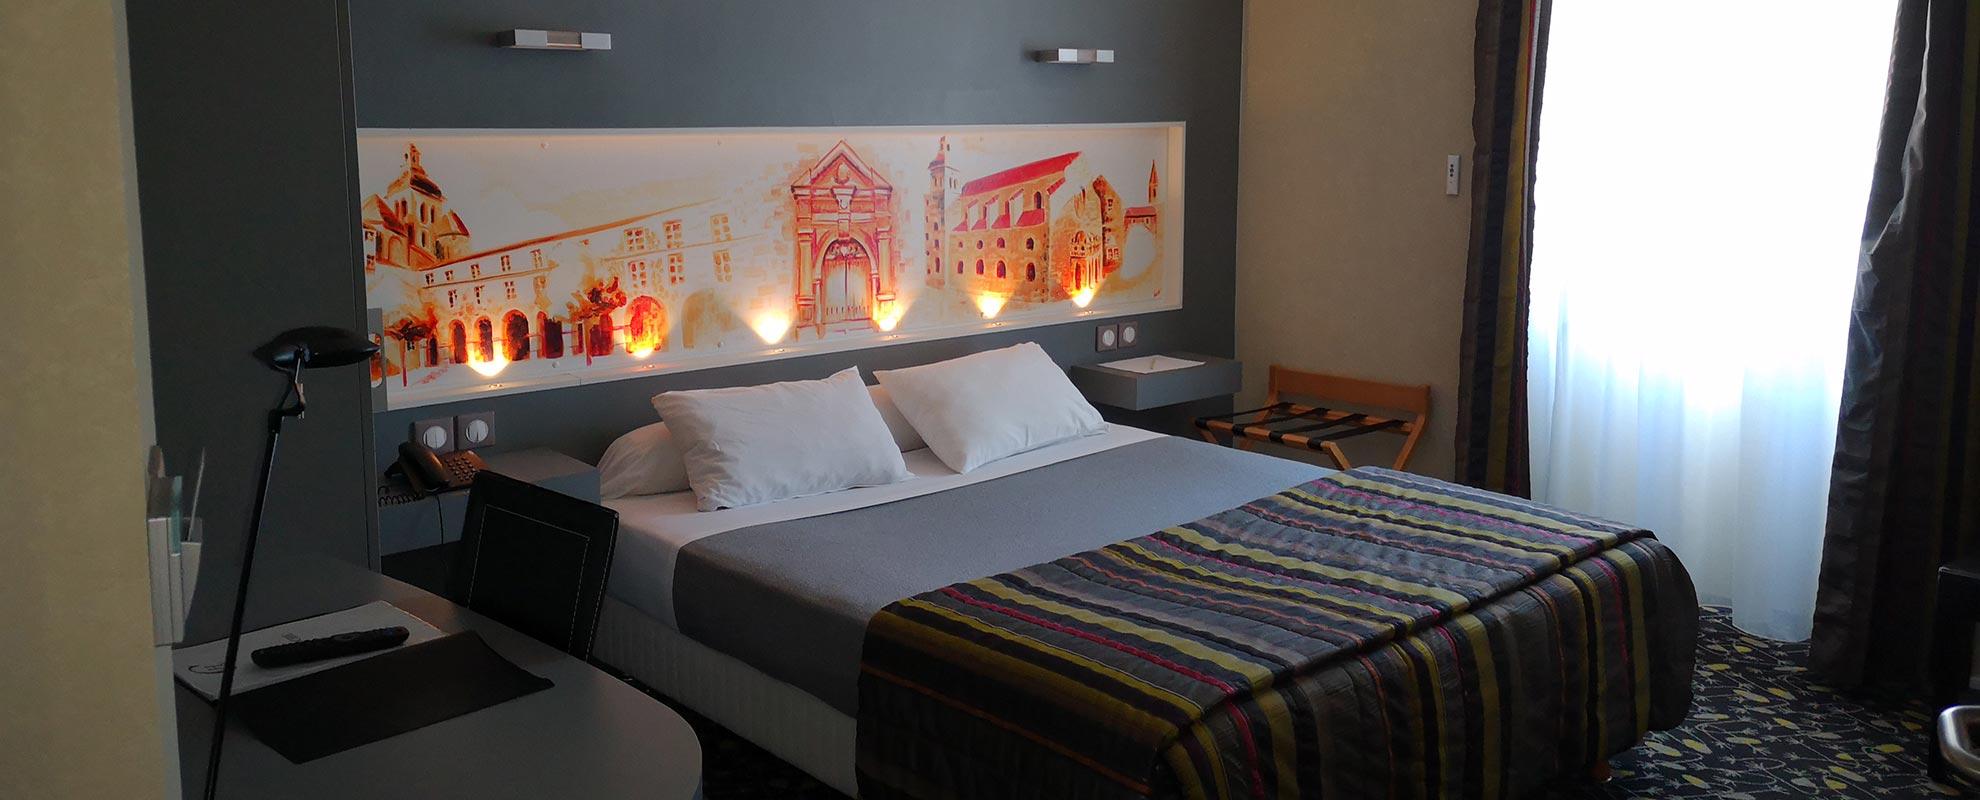 hotel de la cloche de Dole du Jura